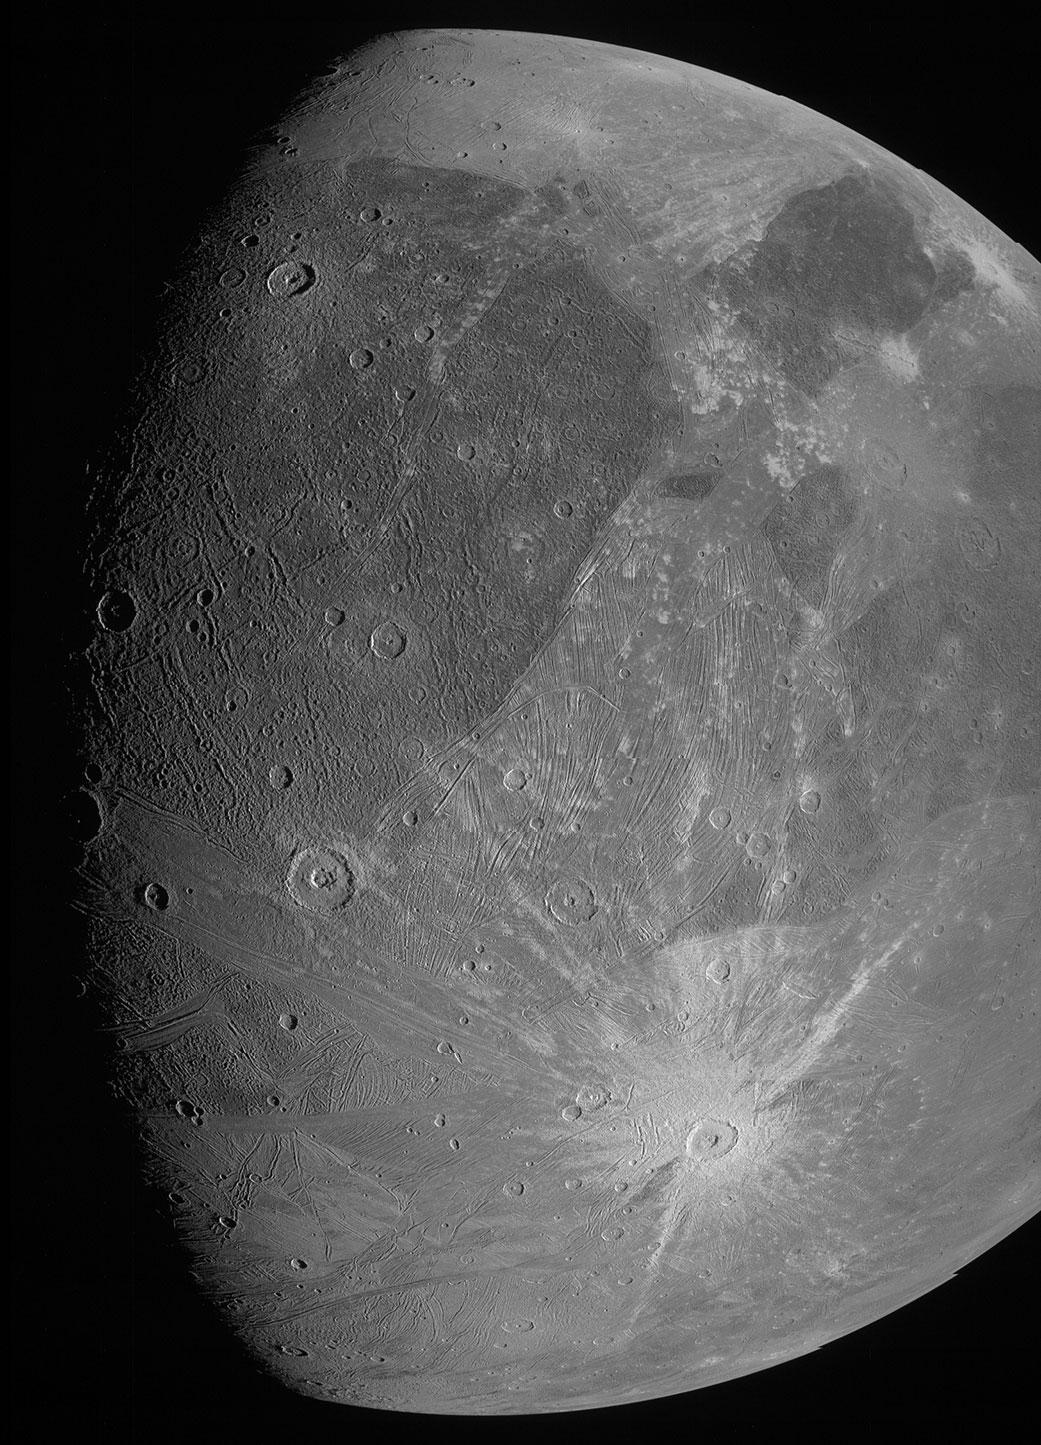 Ganymède Juno photo © NASA/JPL-Caltech/SwRI/MSSS